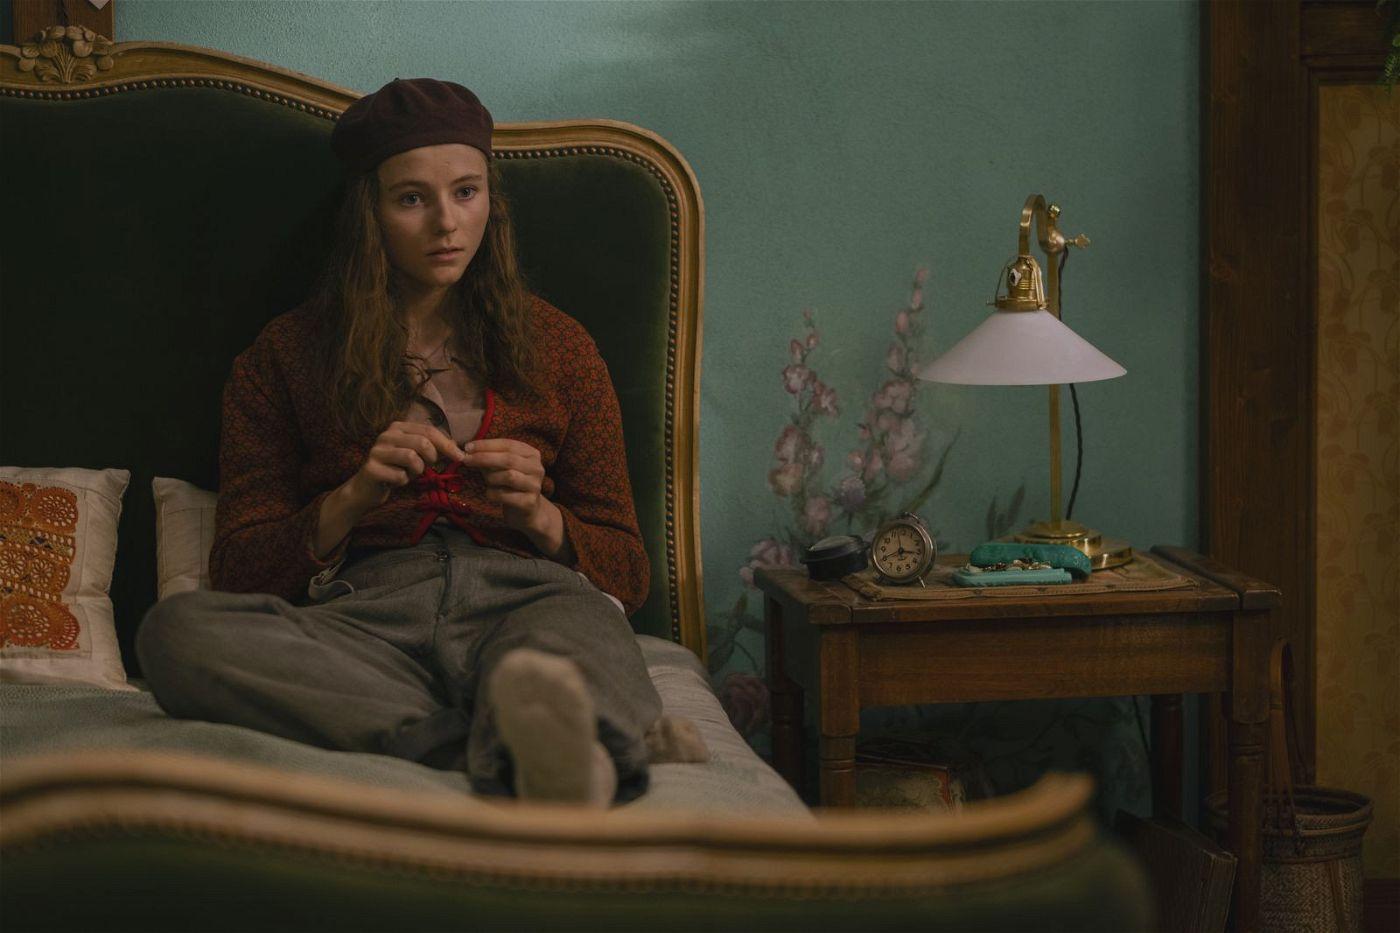 Verzweifelt hofft Elsa (Thomasin McKenzie), ihr Versteck bald verlassen zu können.